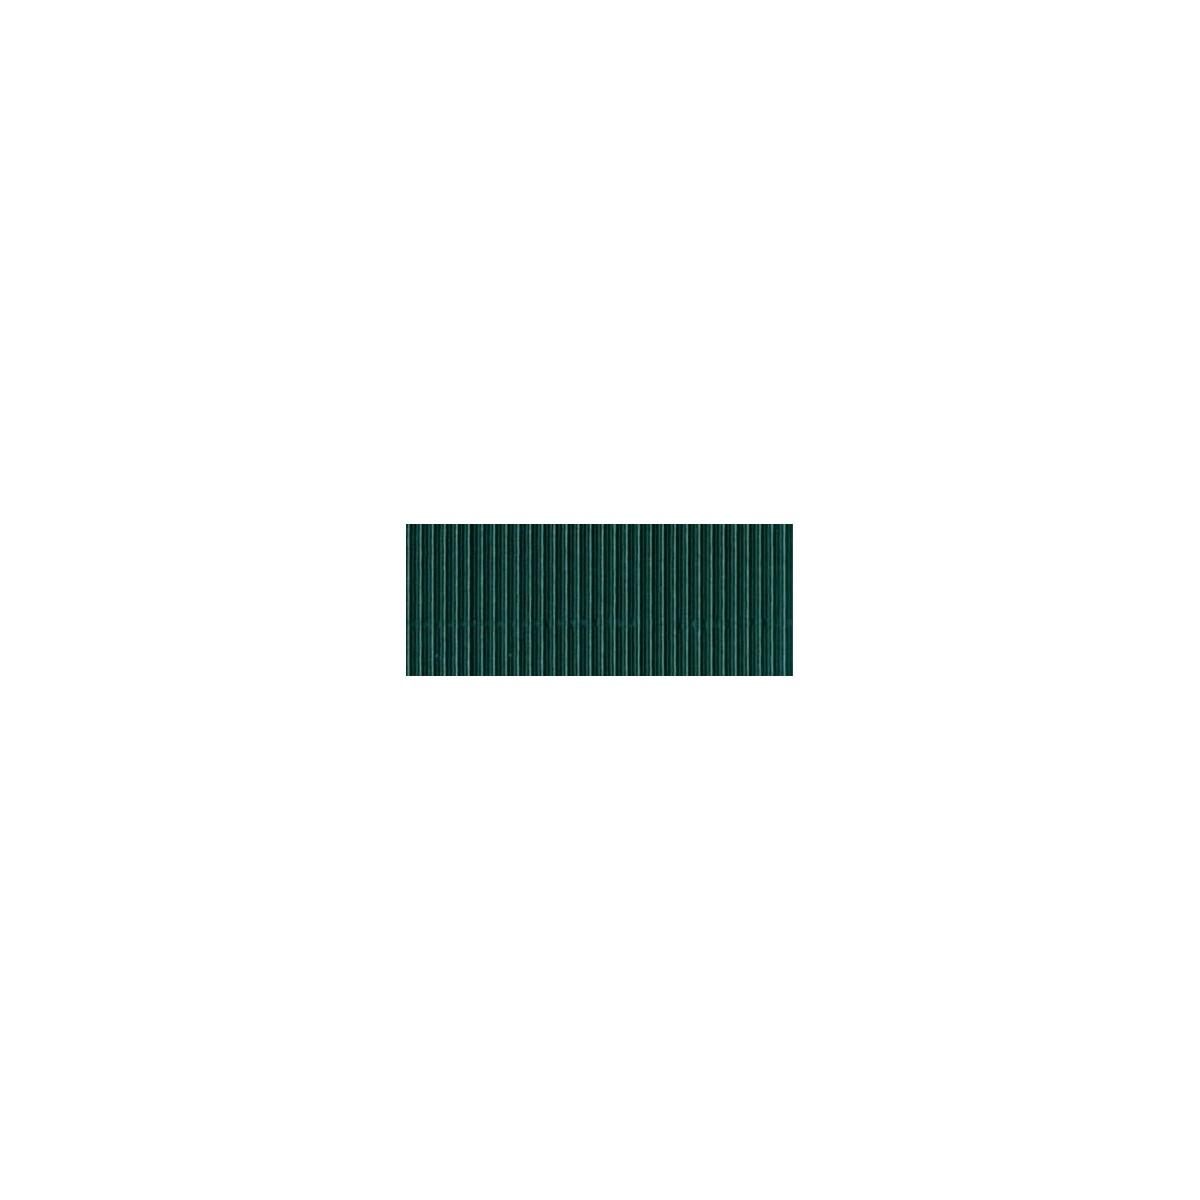 Foglio Cartoncino Onda Colorato Cm.70x50 Verde Scuro